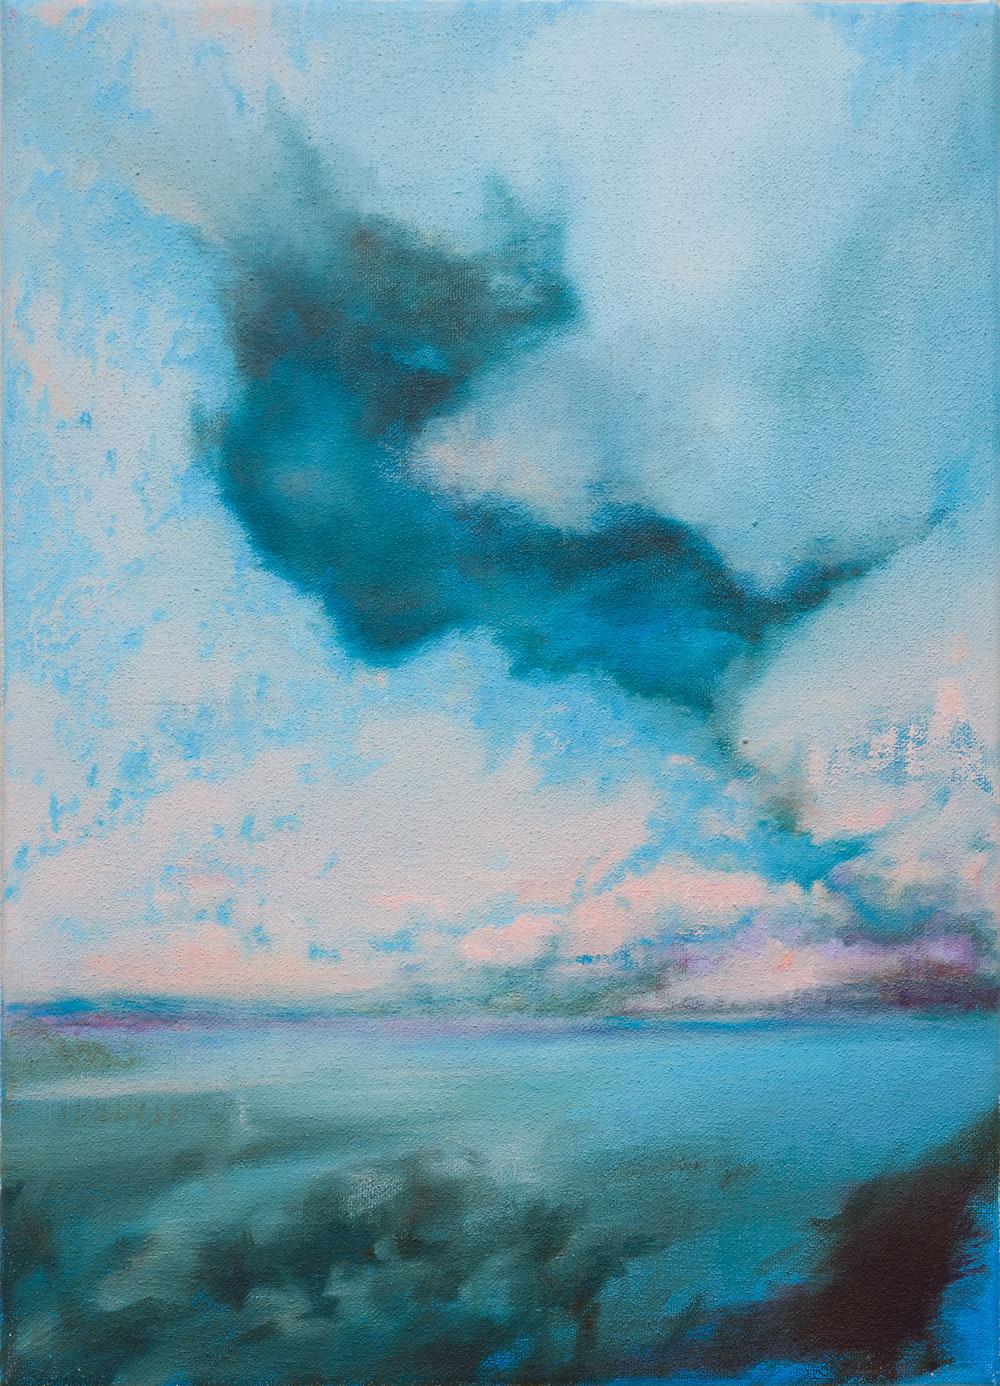 weiter Horizont, dunstblaue Wolkenformation